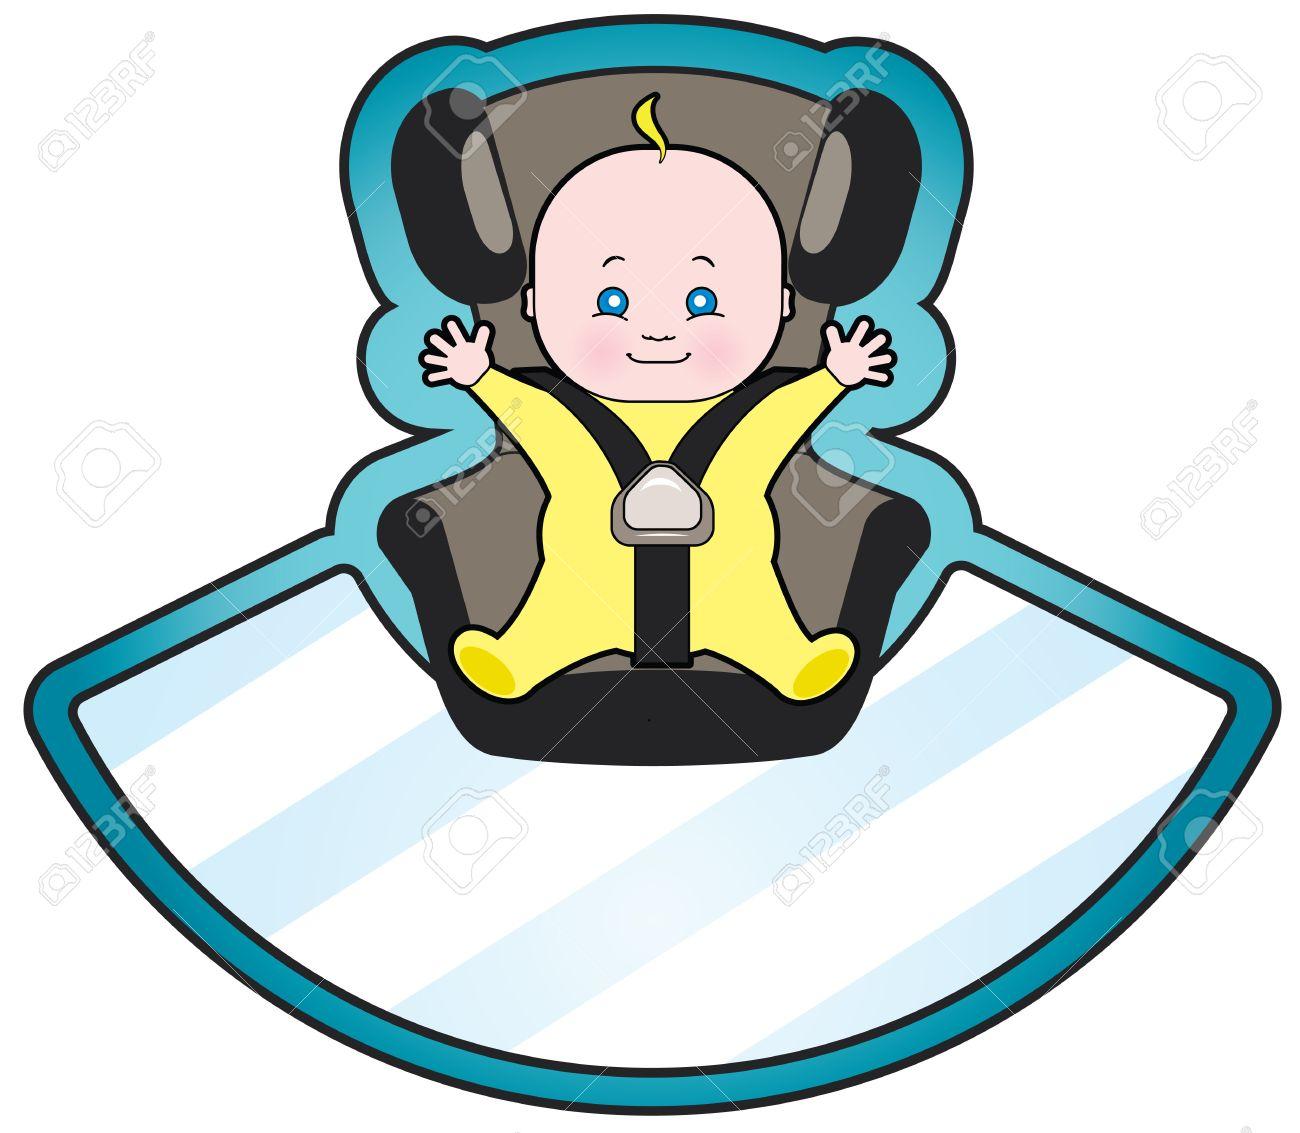 Vector Cartoon Of Baby In Car Seat Royalty Free Cliparts Vectors